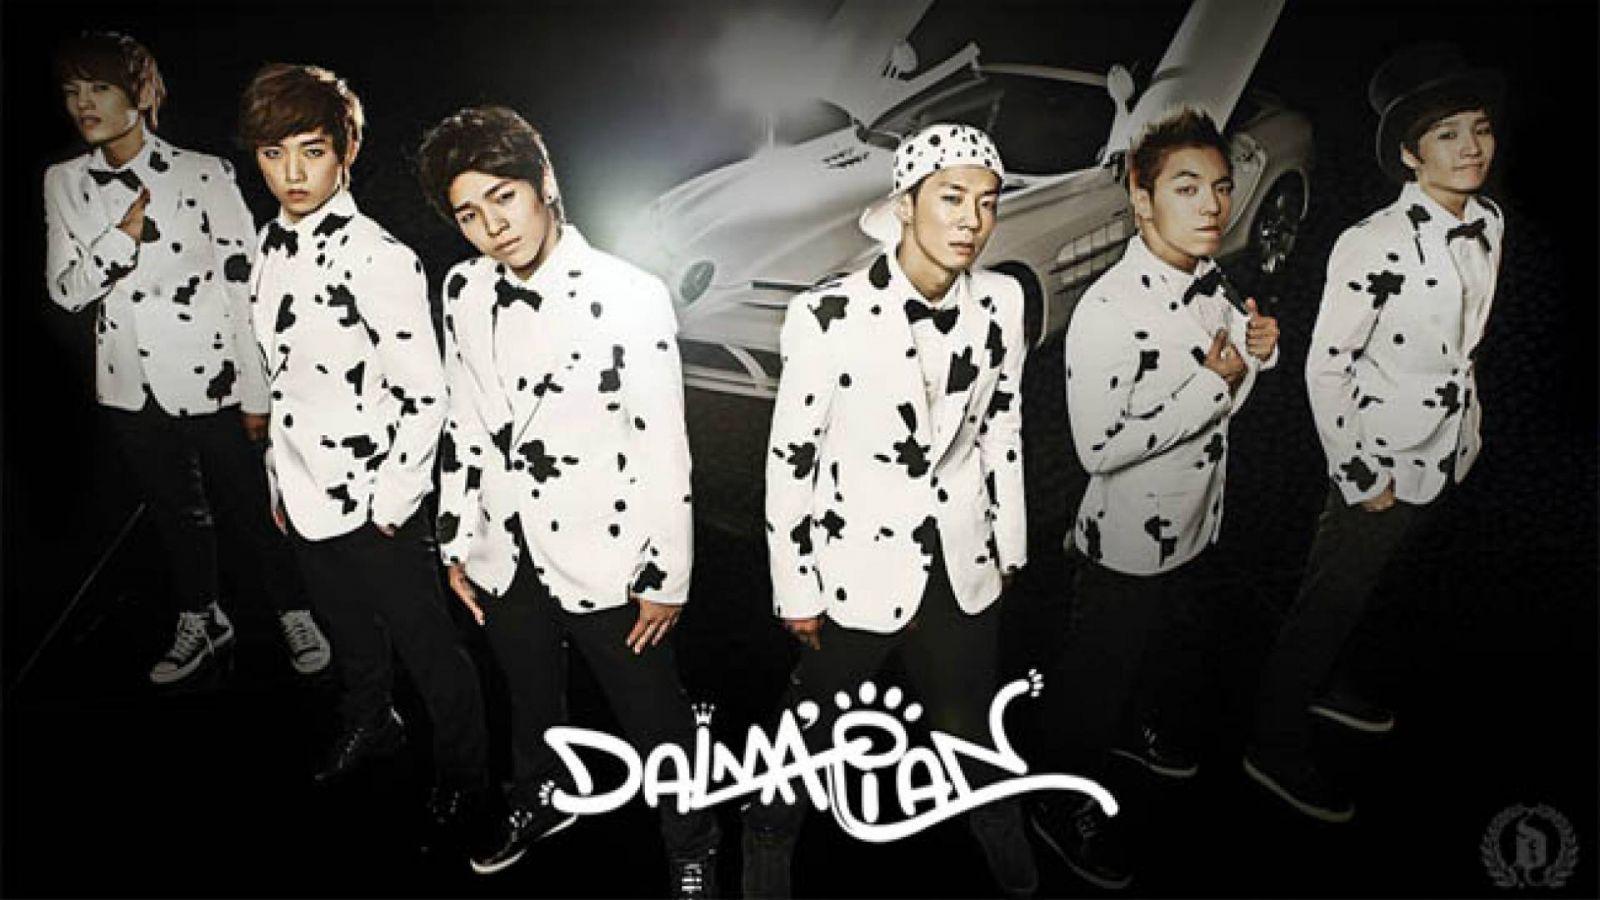 Dalmatian devient DMTN © Dalmatian